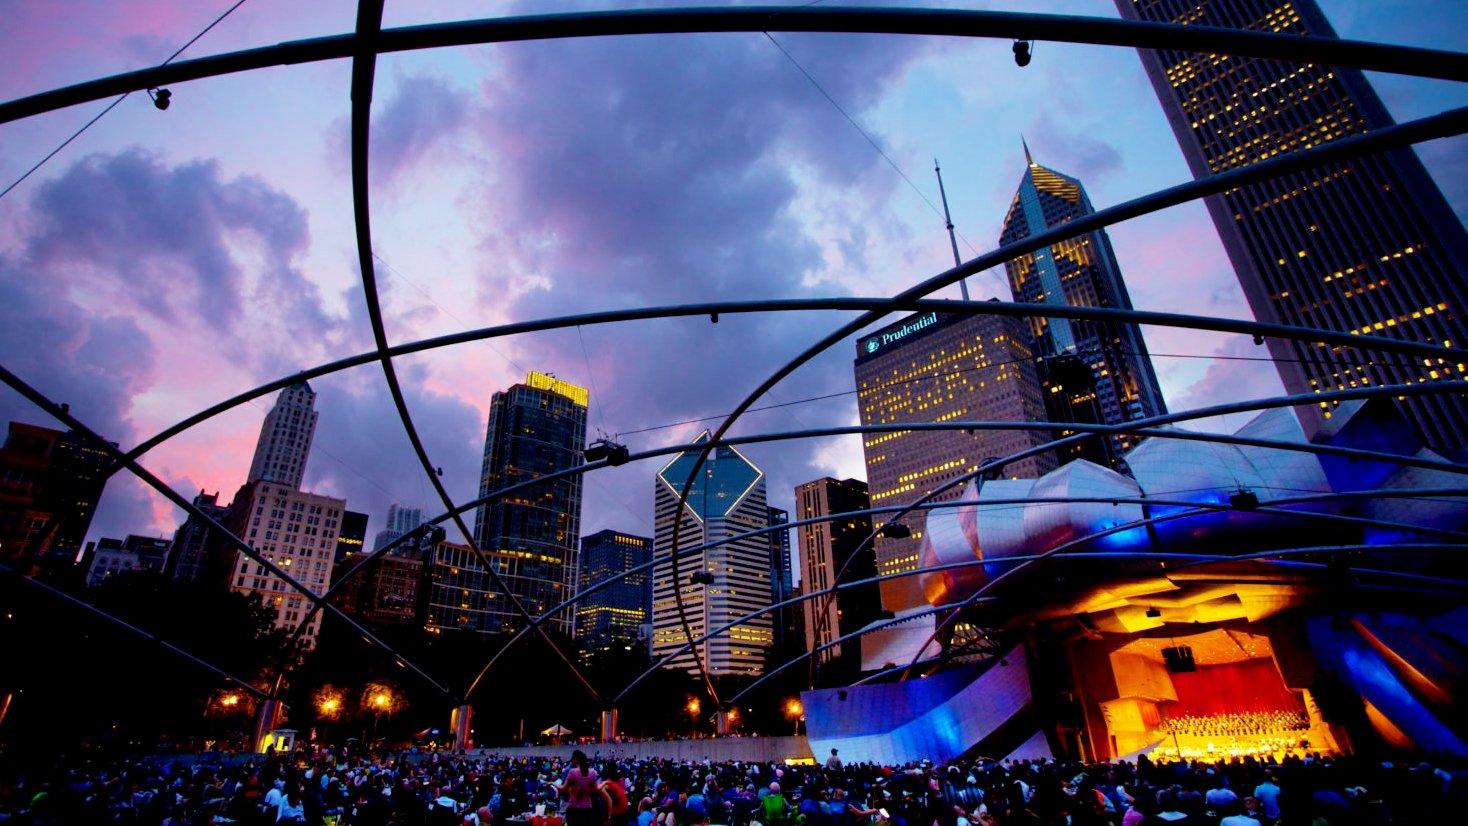 Grant Park Music Festival 2020.Grant Park Music Festival 2020 Festival 2020